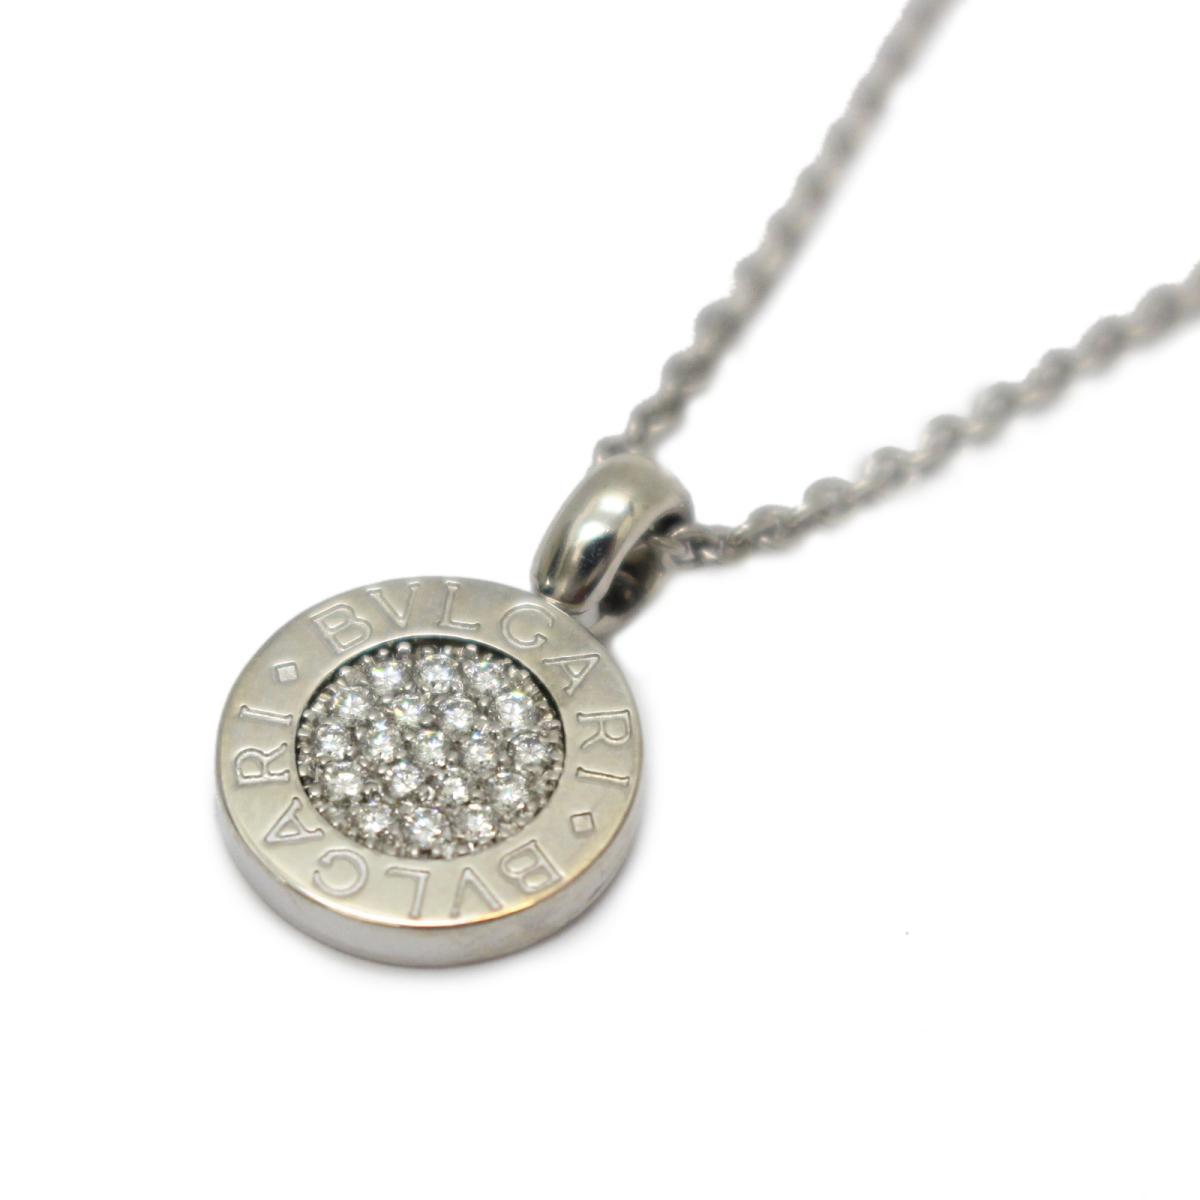 ブルガリブルガリ パヴェダイヤモンド ネックレス/お洒落